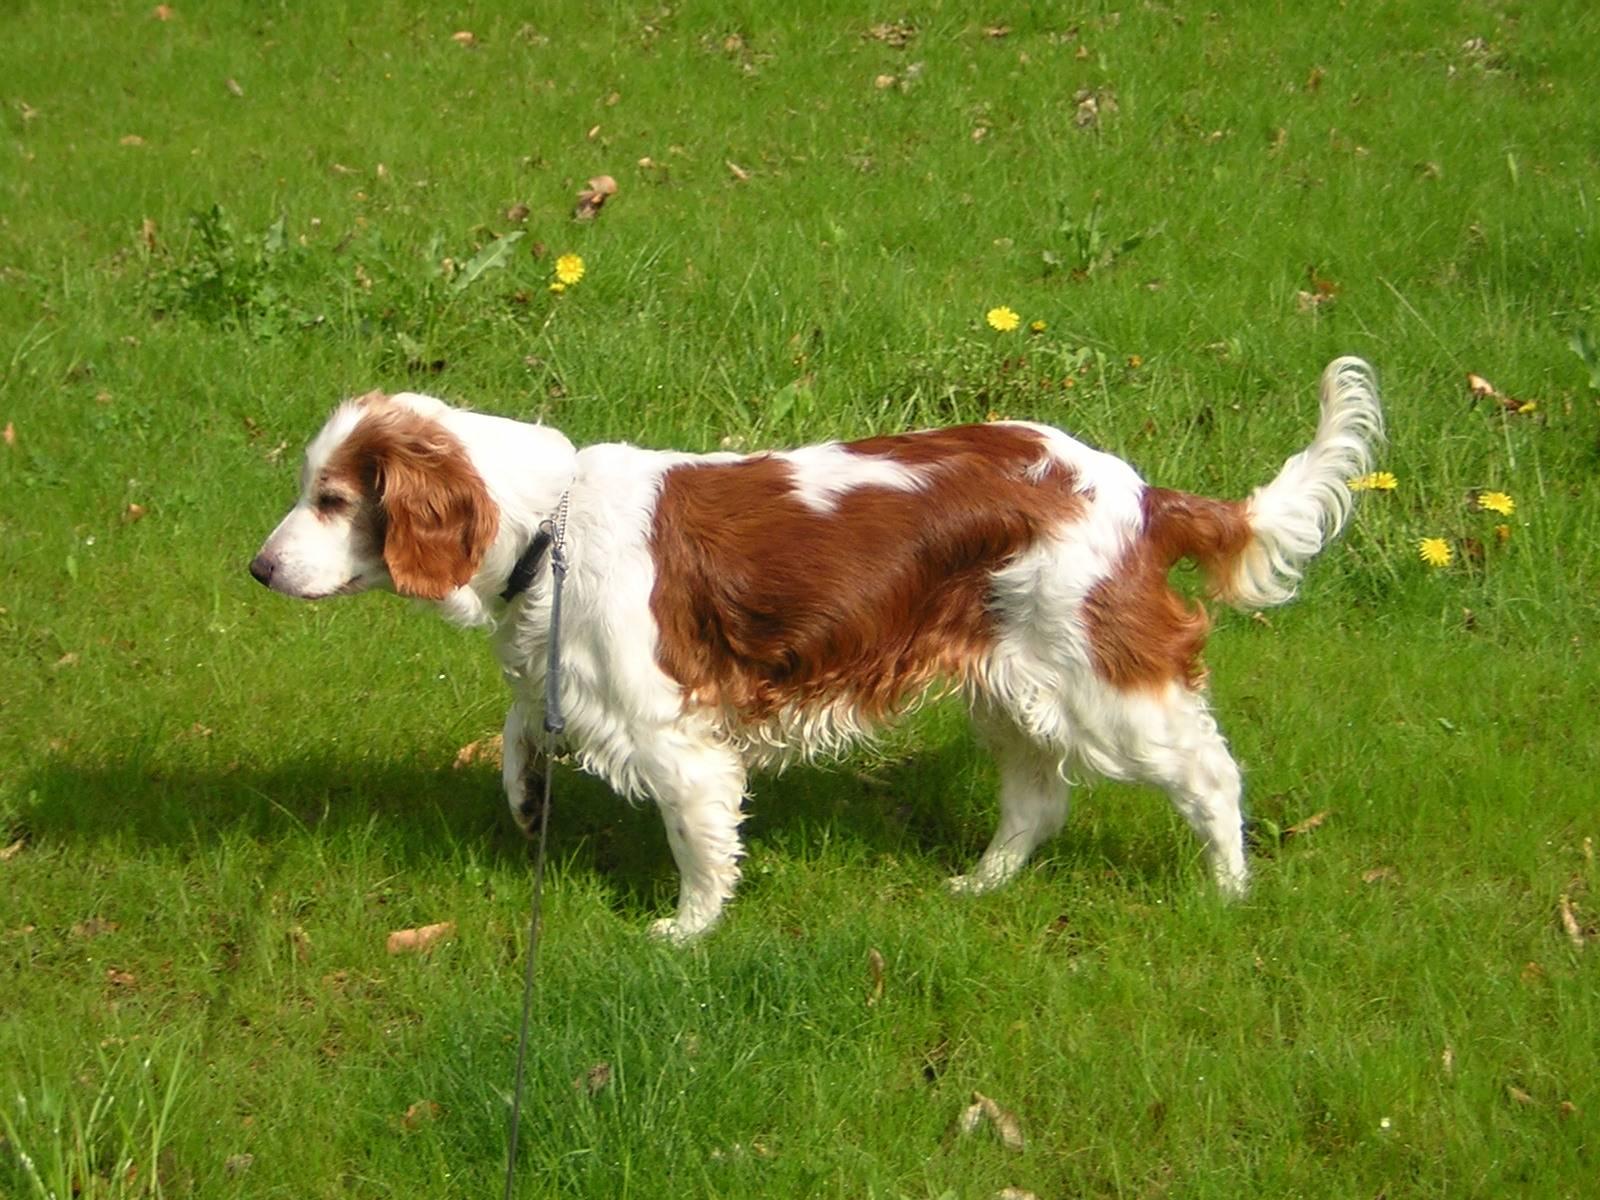 Спрингер собака. описание, особенности, уход и цена породы спрингер   животный мир